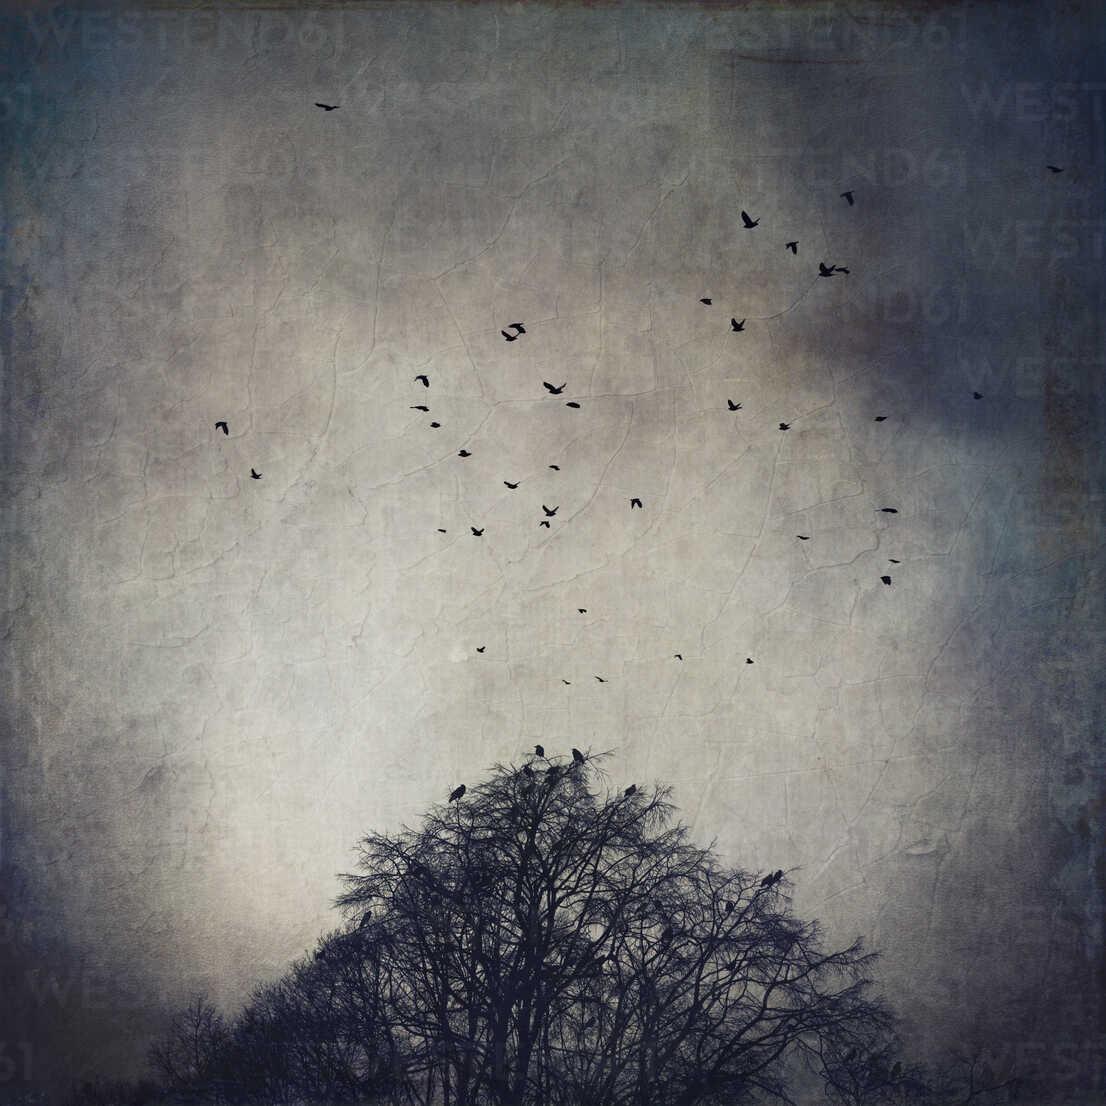 Germany flock of crows flying over bare trees - DWIF000369 - Dirk Wüstenhagen/Westend61